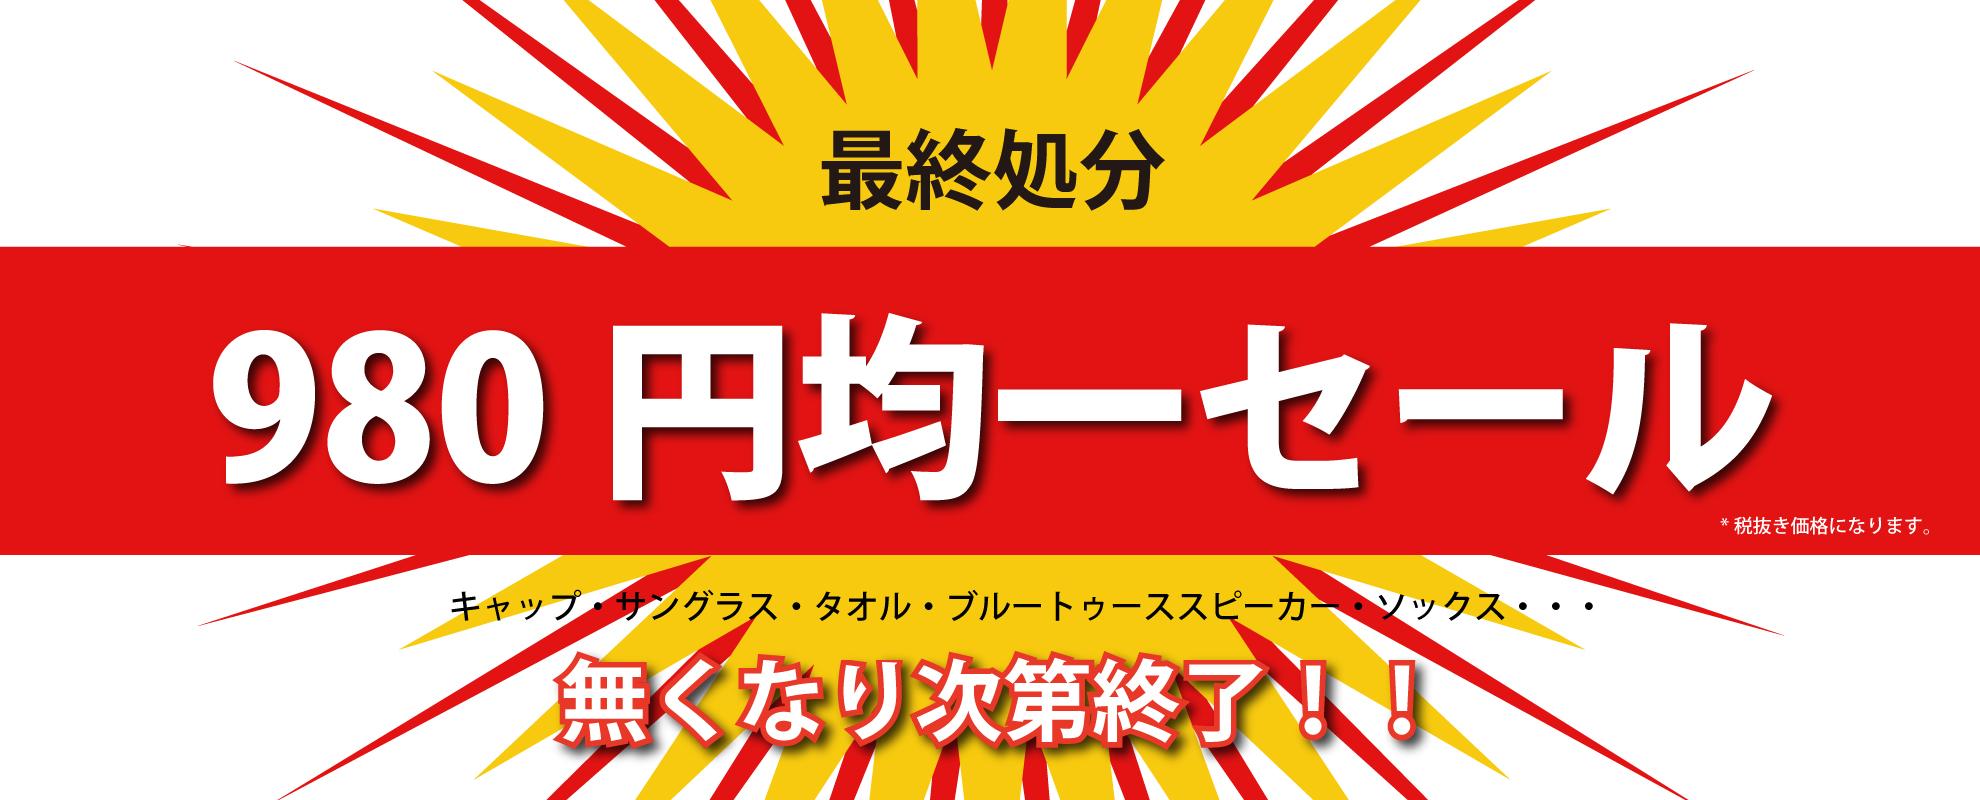 980円均一セール!無くなり次第終了!